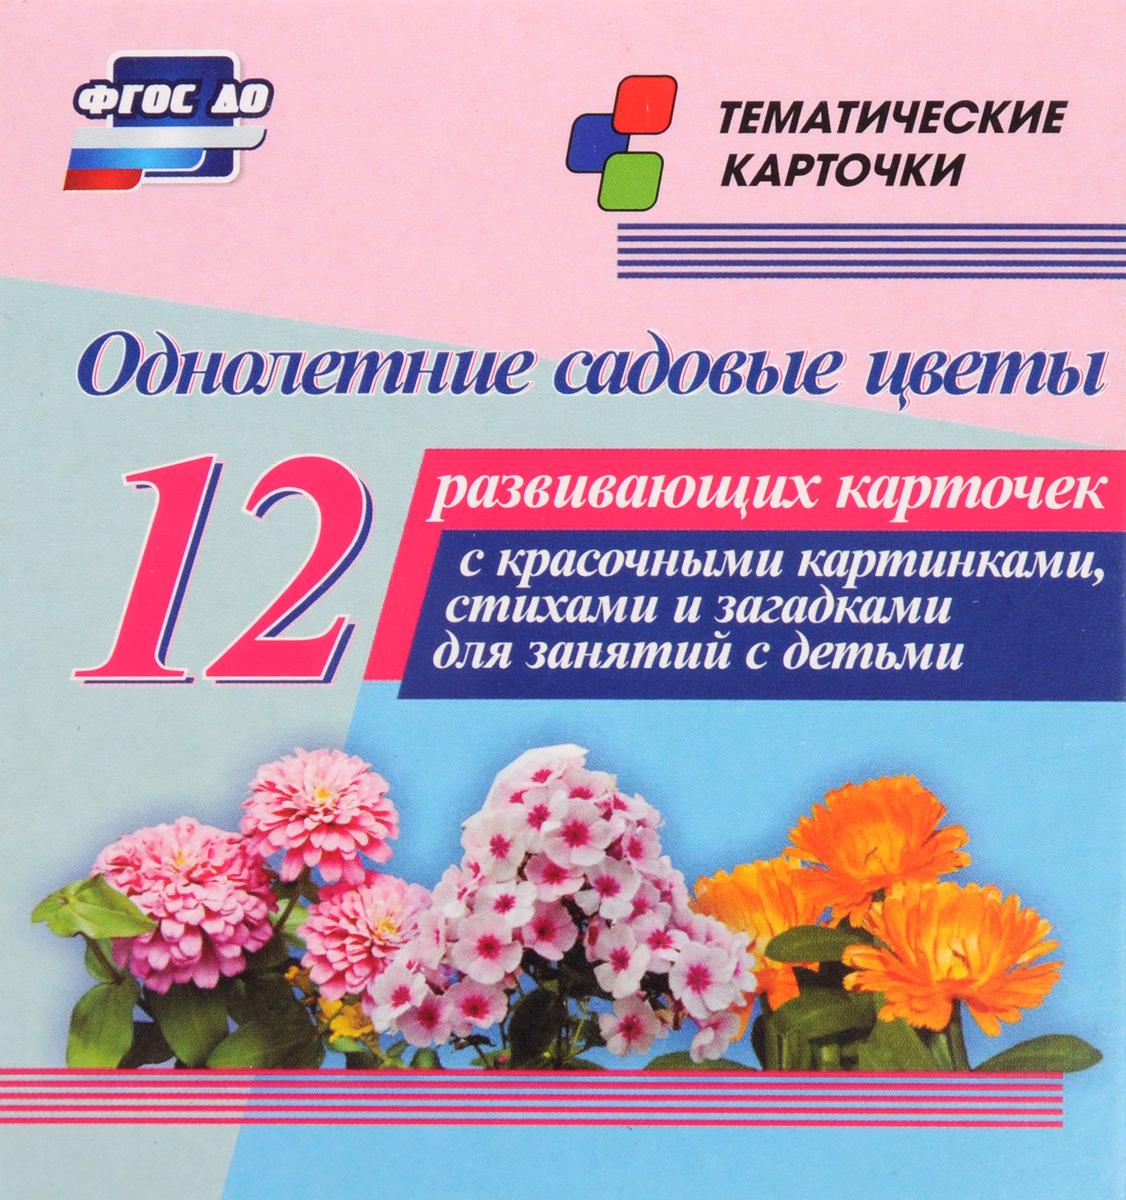 Однолетние садовые цветы (12 развивающих карточек)